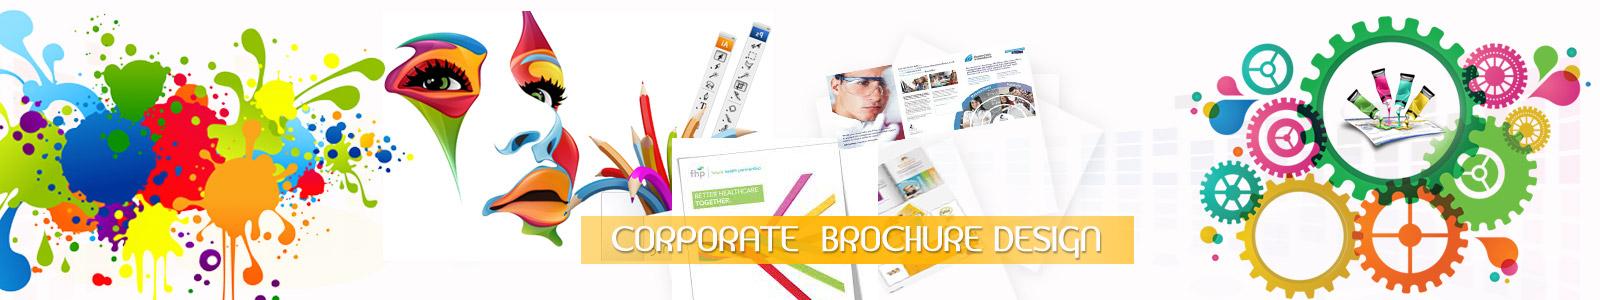 online-brochure